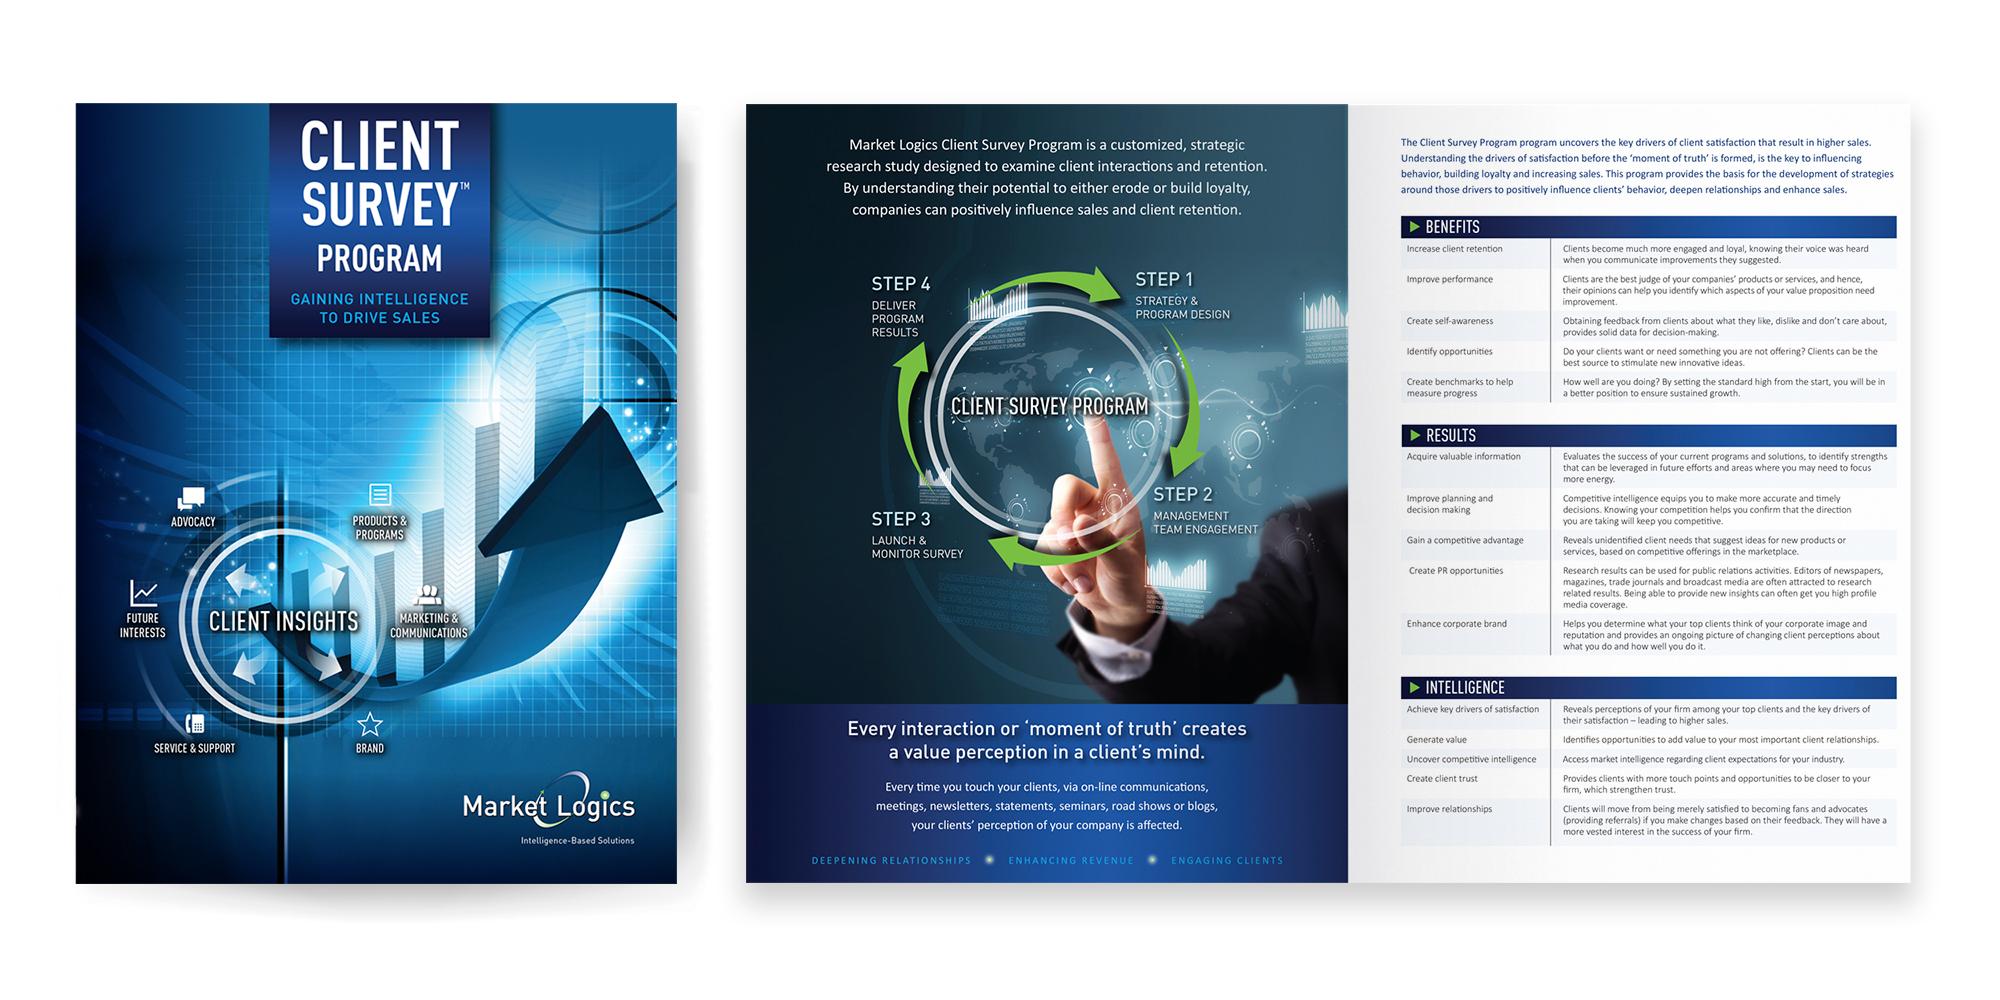 Market Logics Client Survey Program